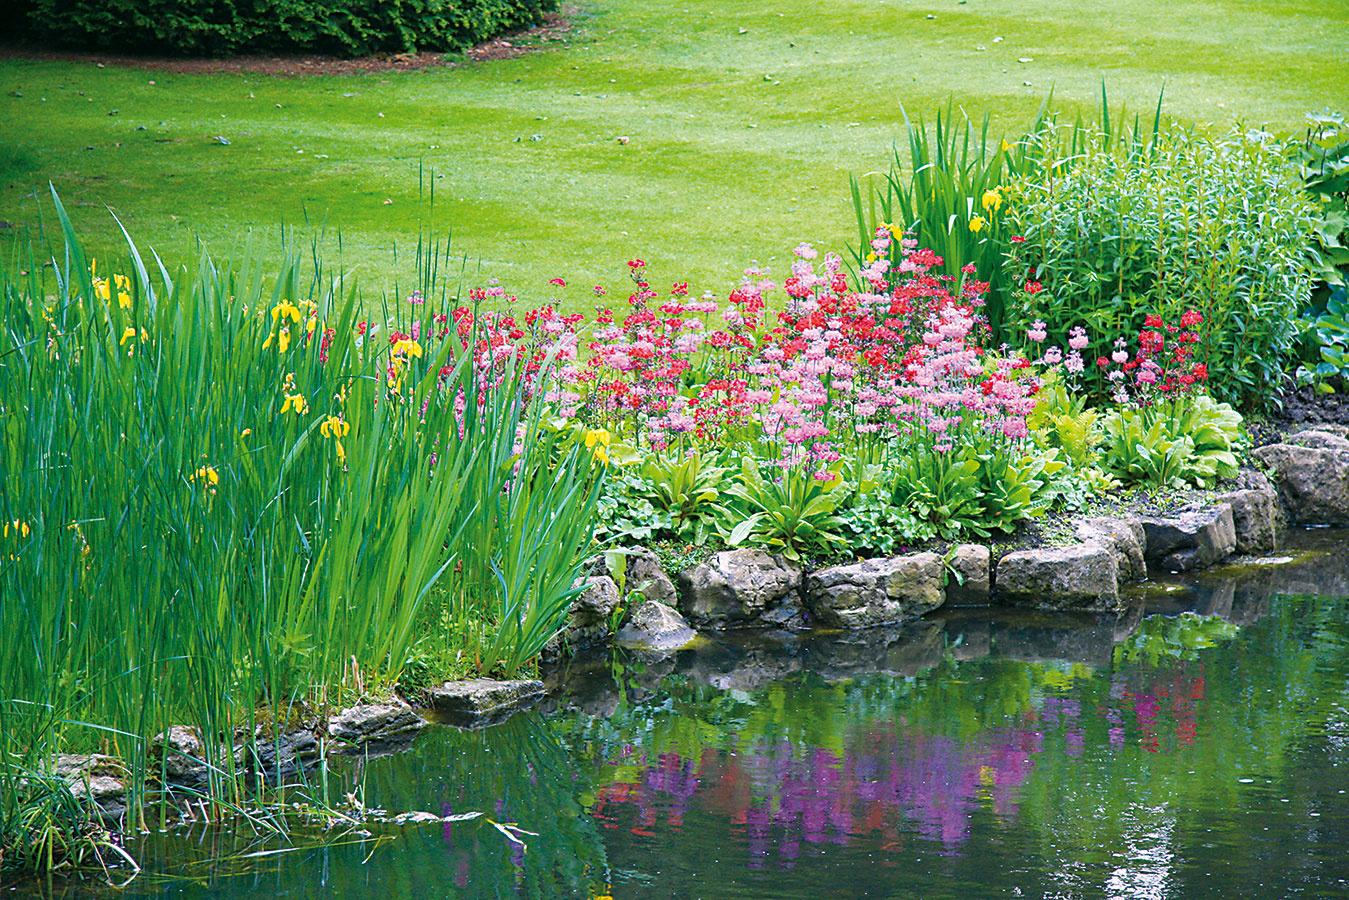 Ovysadenú pobrežnú avodnú zeleň sa treba vhodne postarať. Vo väčšine prípadov nevyžadujú tieto rastliny toľko zásahov ako bežná záhradná zeleň – základom úspechu je pravidelná kontrola audržiavanie rastlín vrozumných rozmeroch.